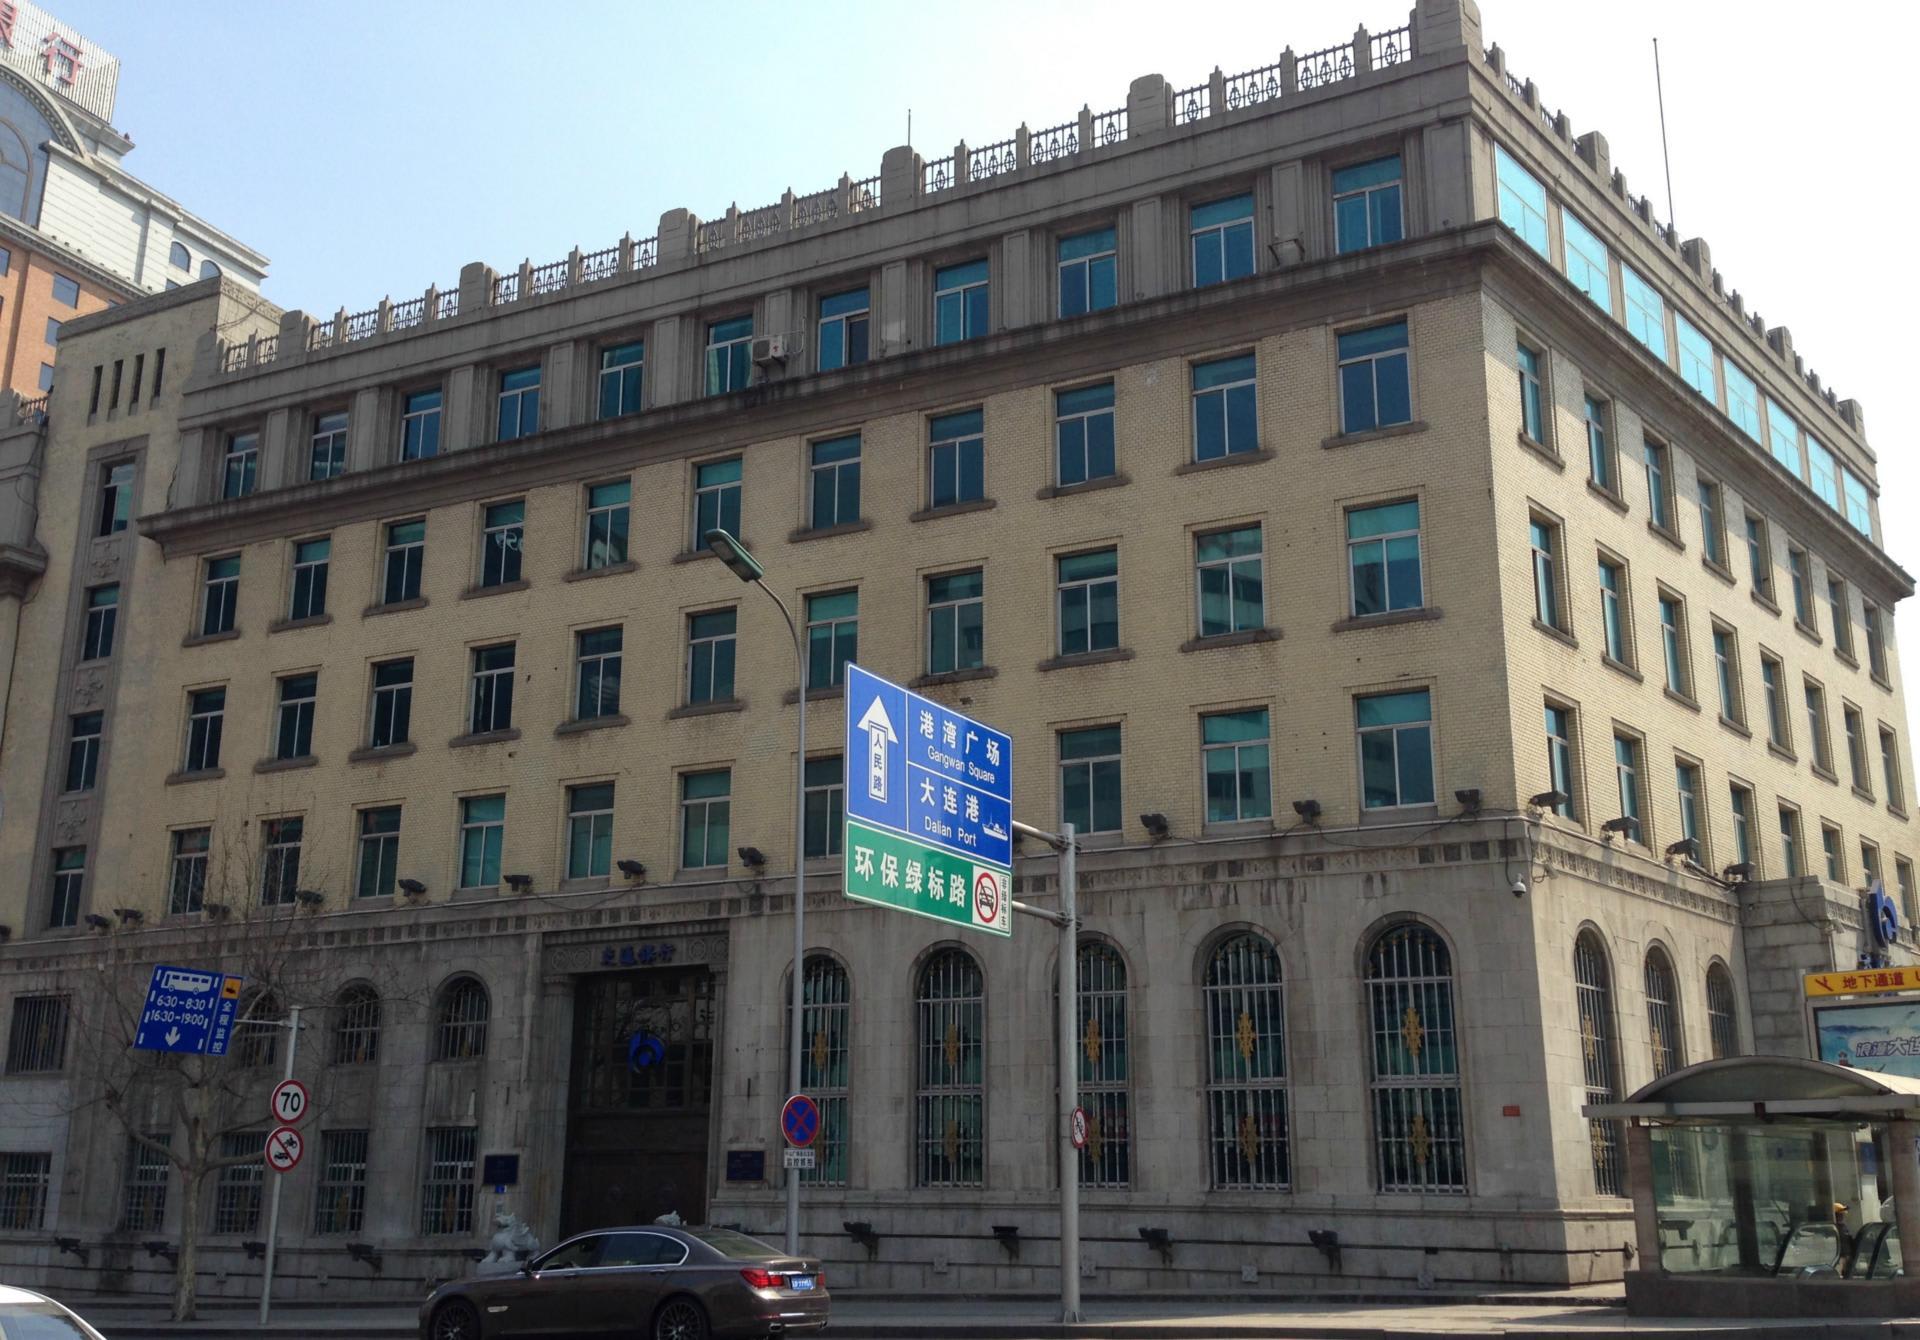 旧東洋拓殖株式会社大連支店 - HBD in Liaodong Peninsula